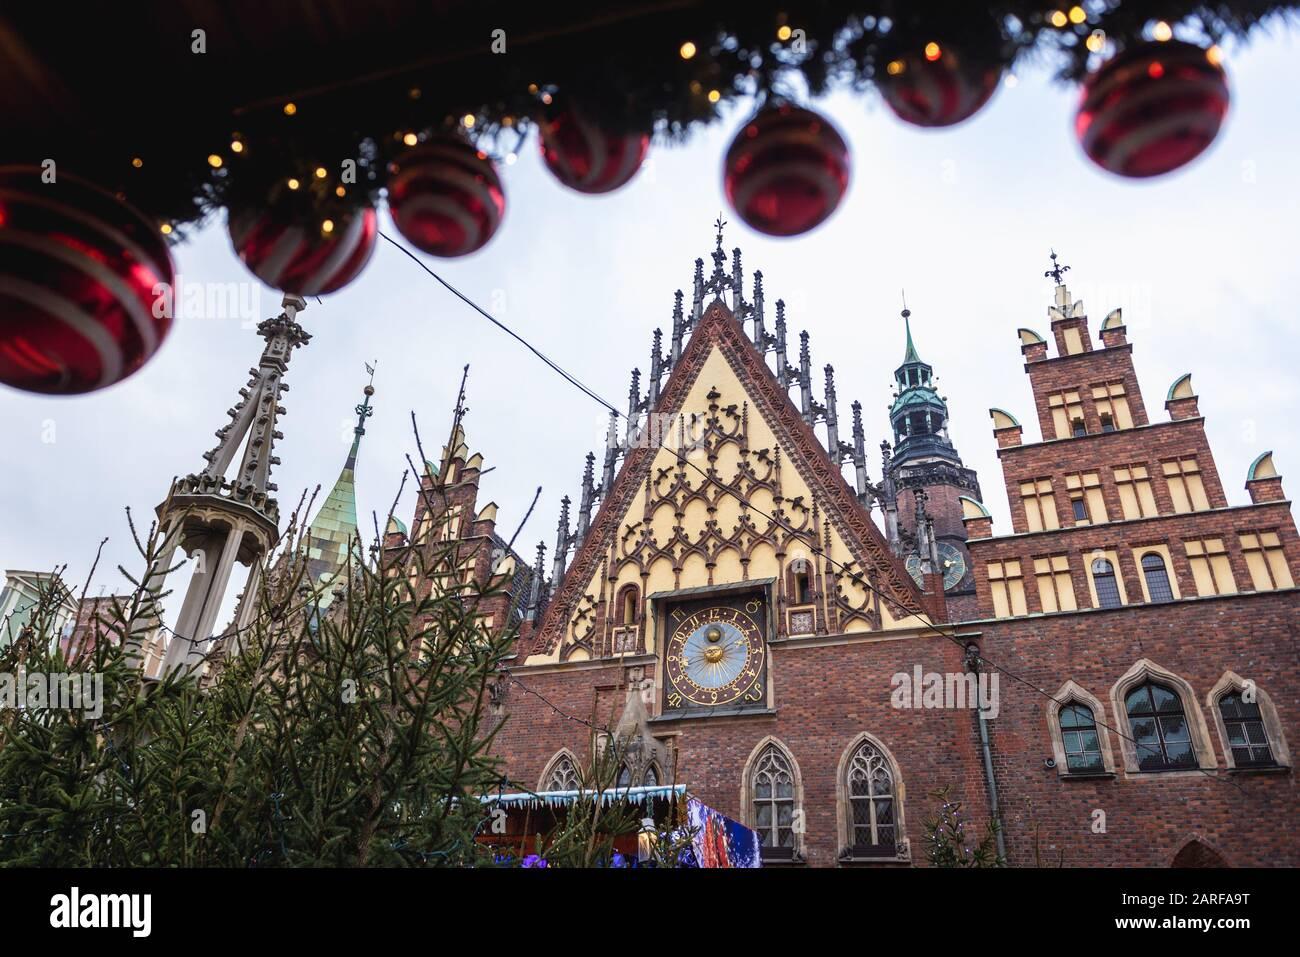 Vista sobre el edificio del Antiguo Ayuntamiento durante el mercado tradicional de Navidad en el casco antiguo de Wroclaw en la región de Silesia de Polonia. Foto de stock